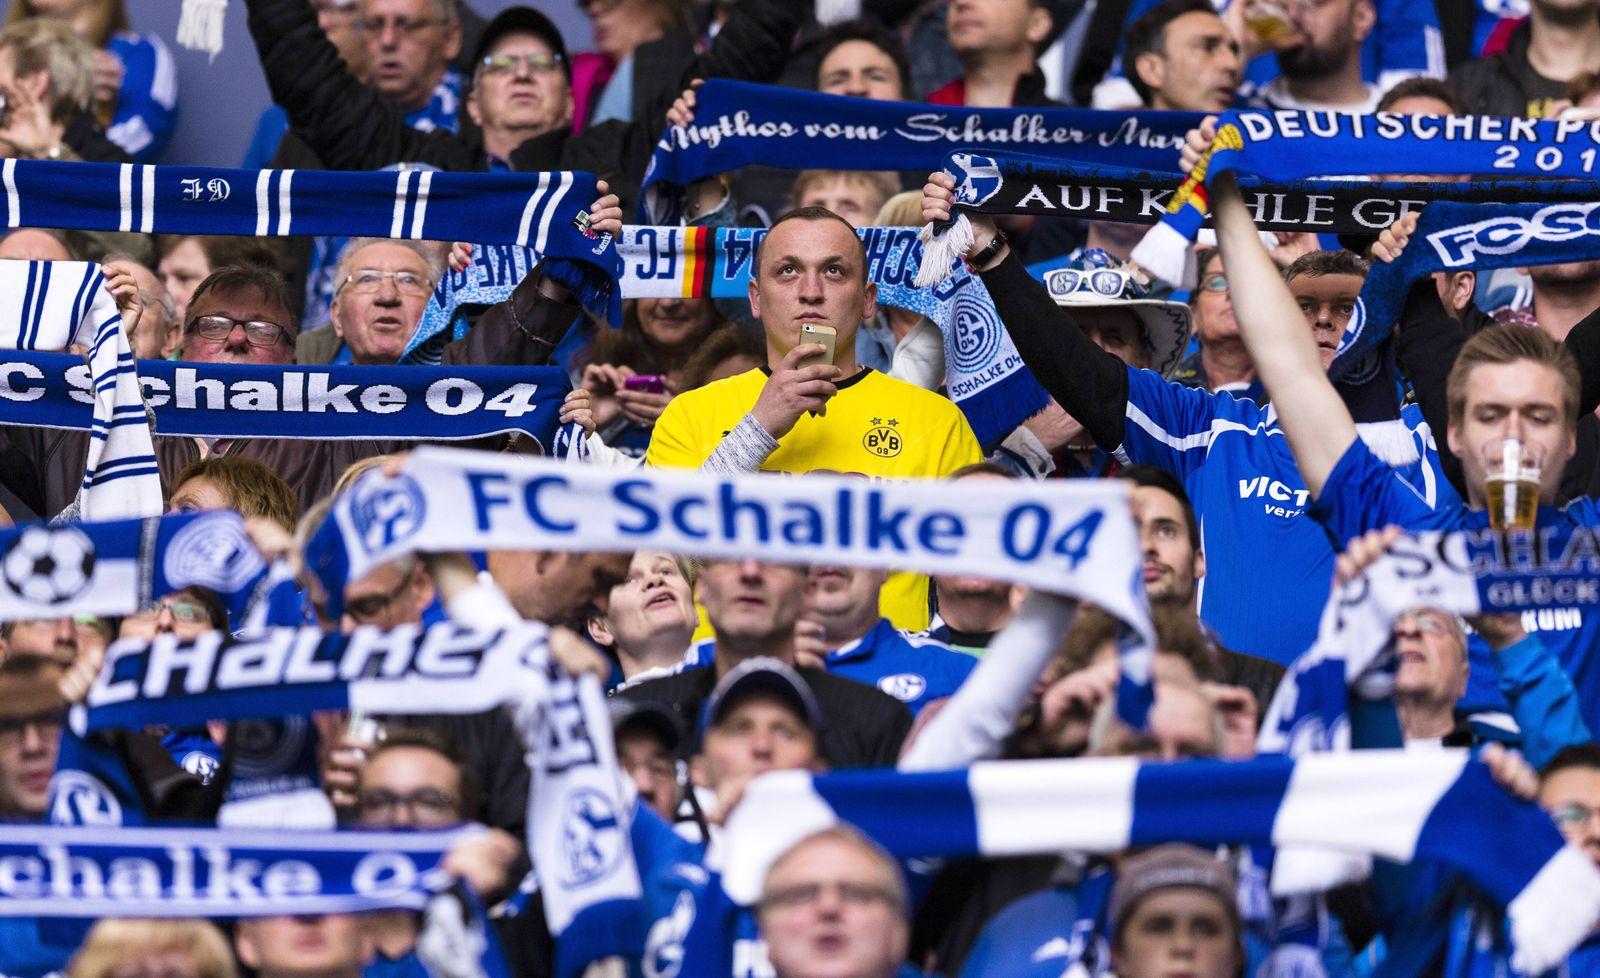 EINMALIGE VERWENDUNG Fußball / Rivalität / Fans